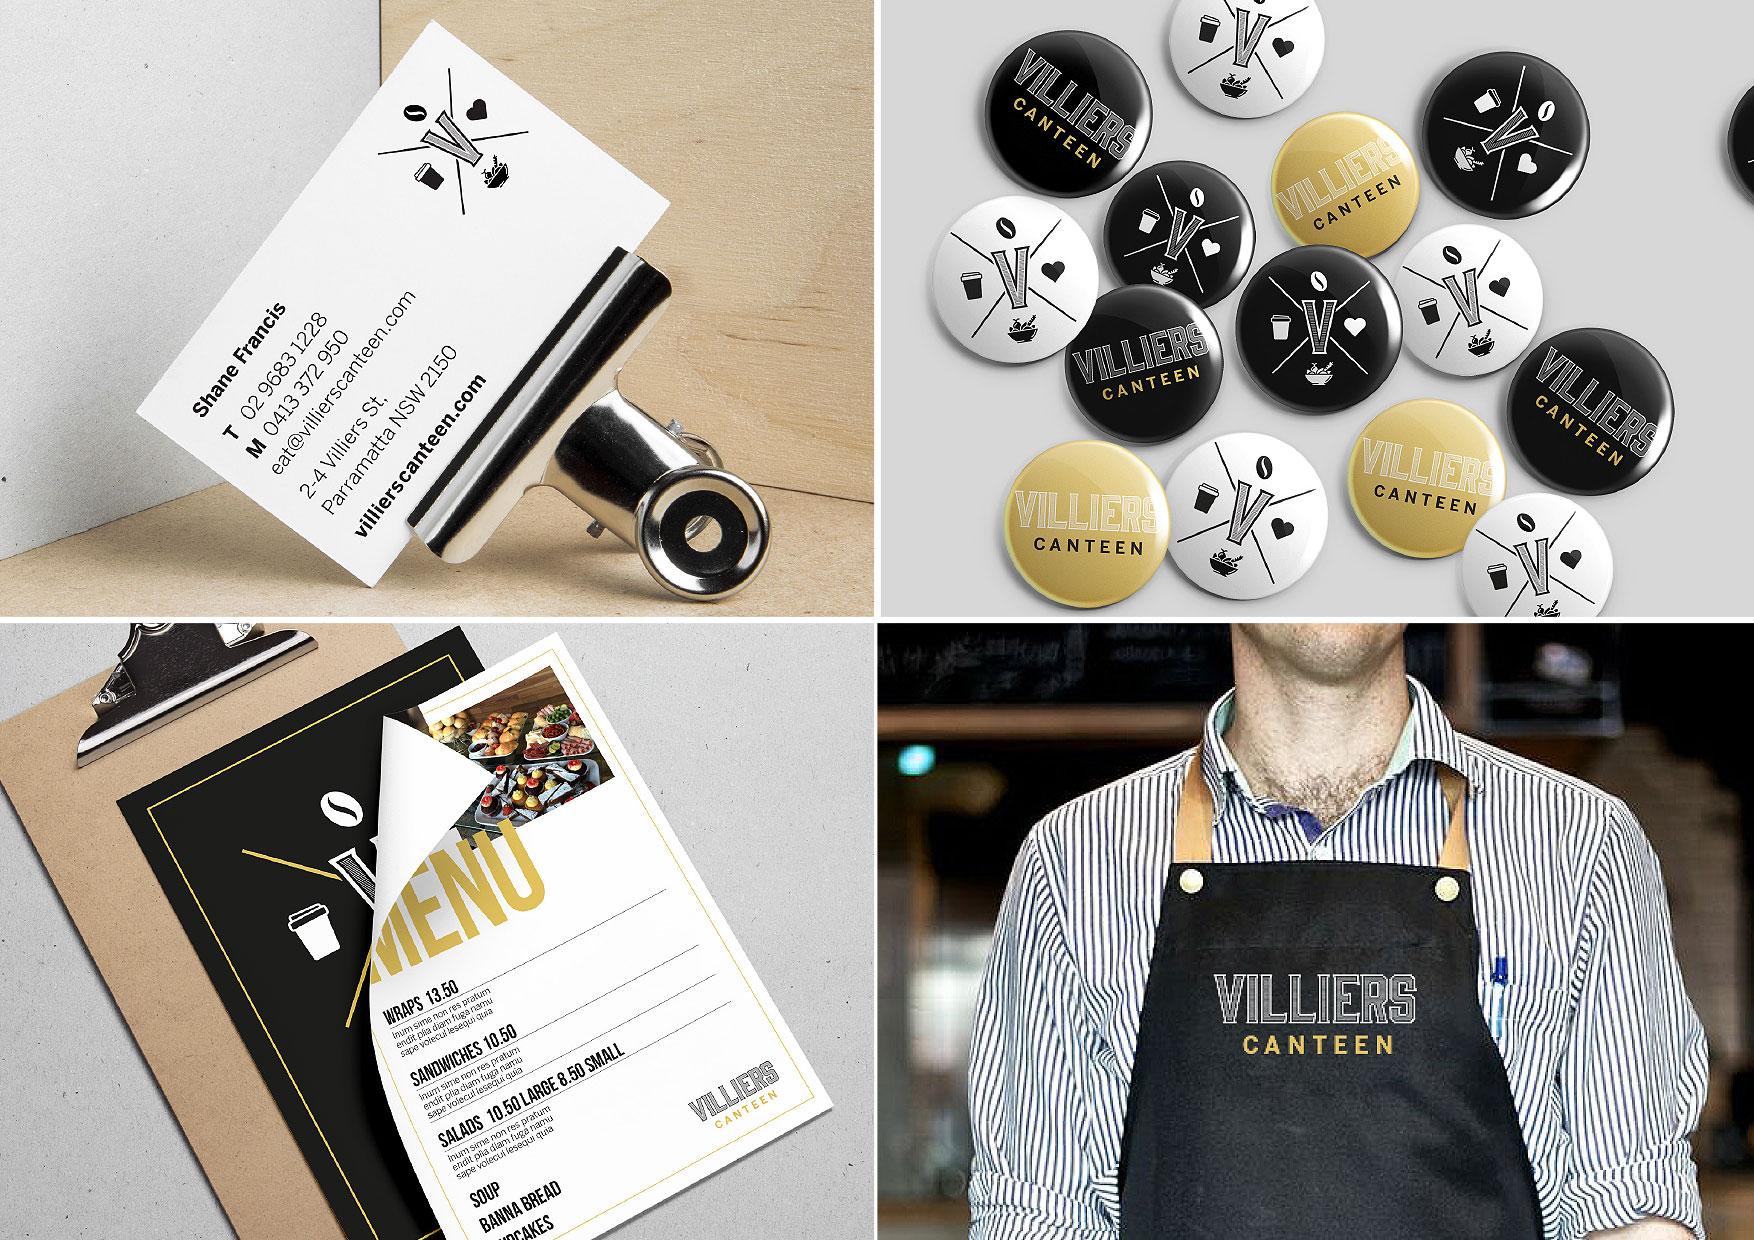 Handle-Branding-Villiers-Street-Canteen-Rebranding_02_0000_Vector-Smart-Object_A.jpg